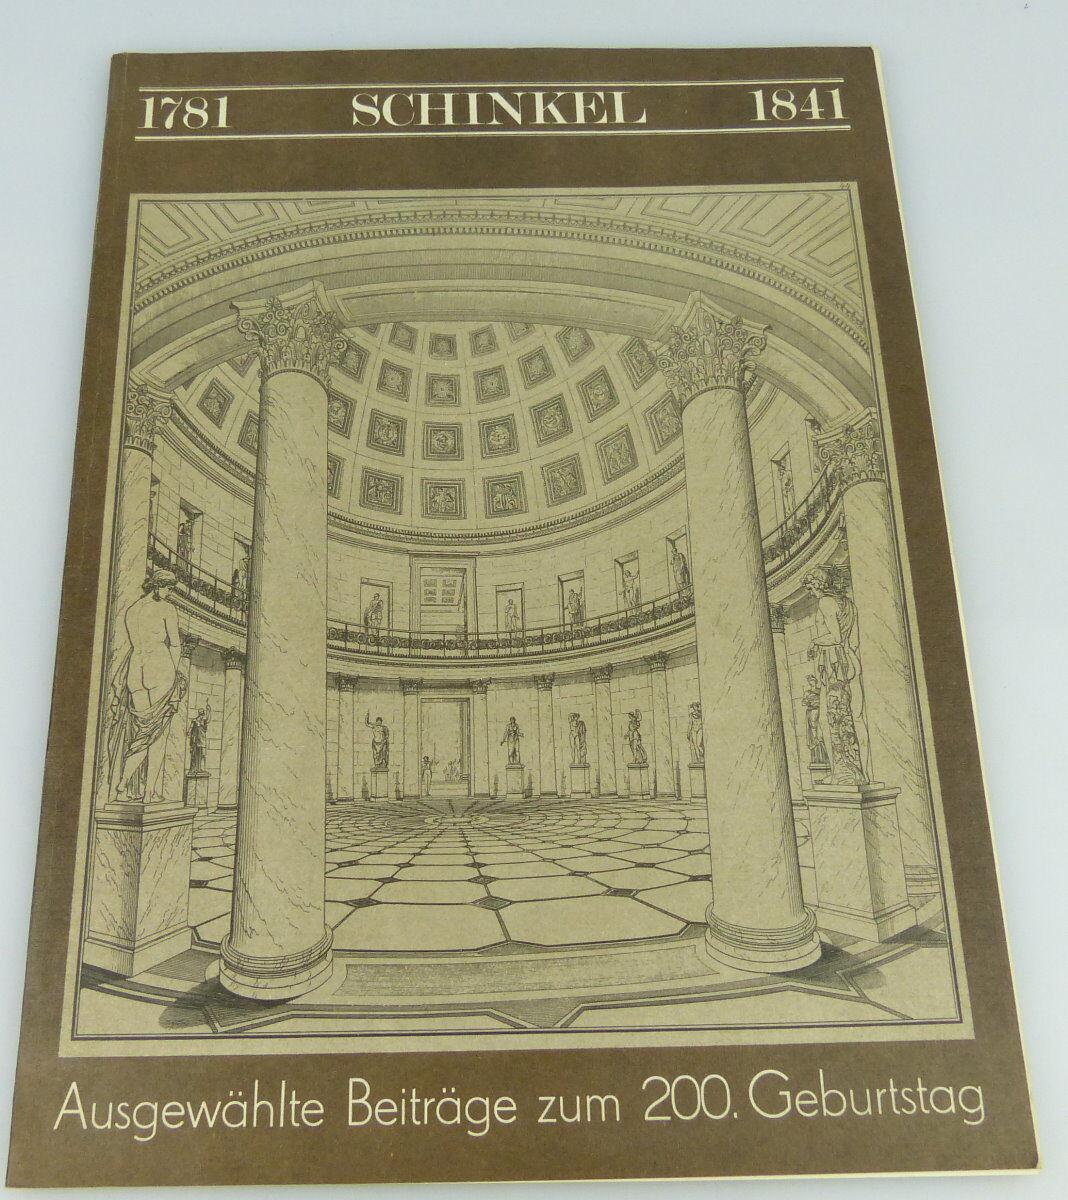 Buch : Schinkel 1781-1841 zum 200- Geburtstag,Verlag für Bauwesen Berlin/rebu009